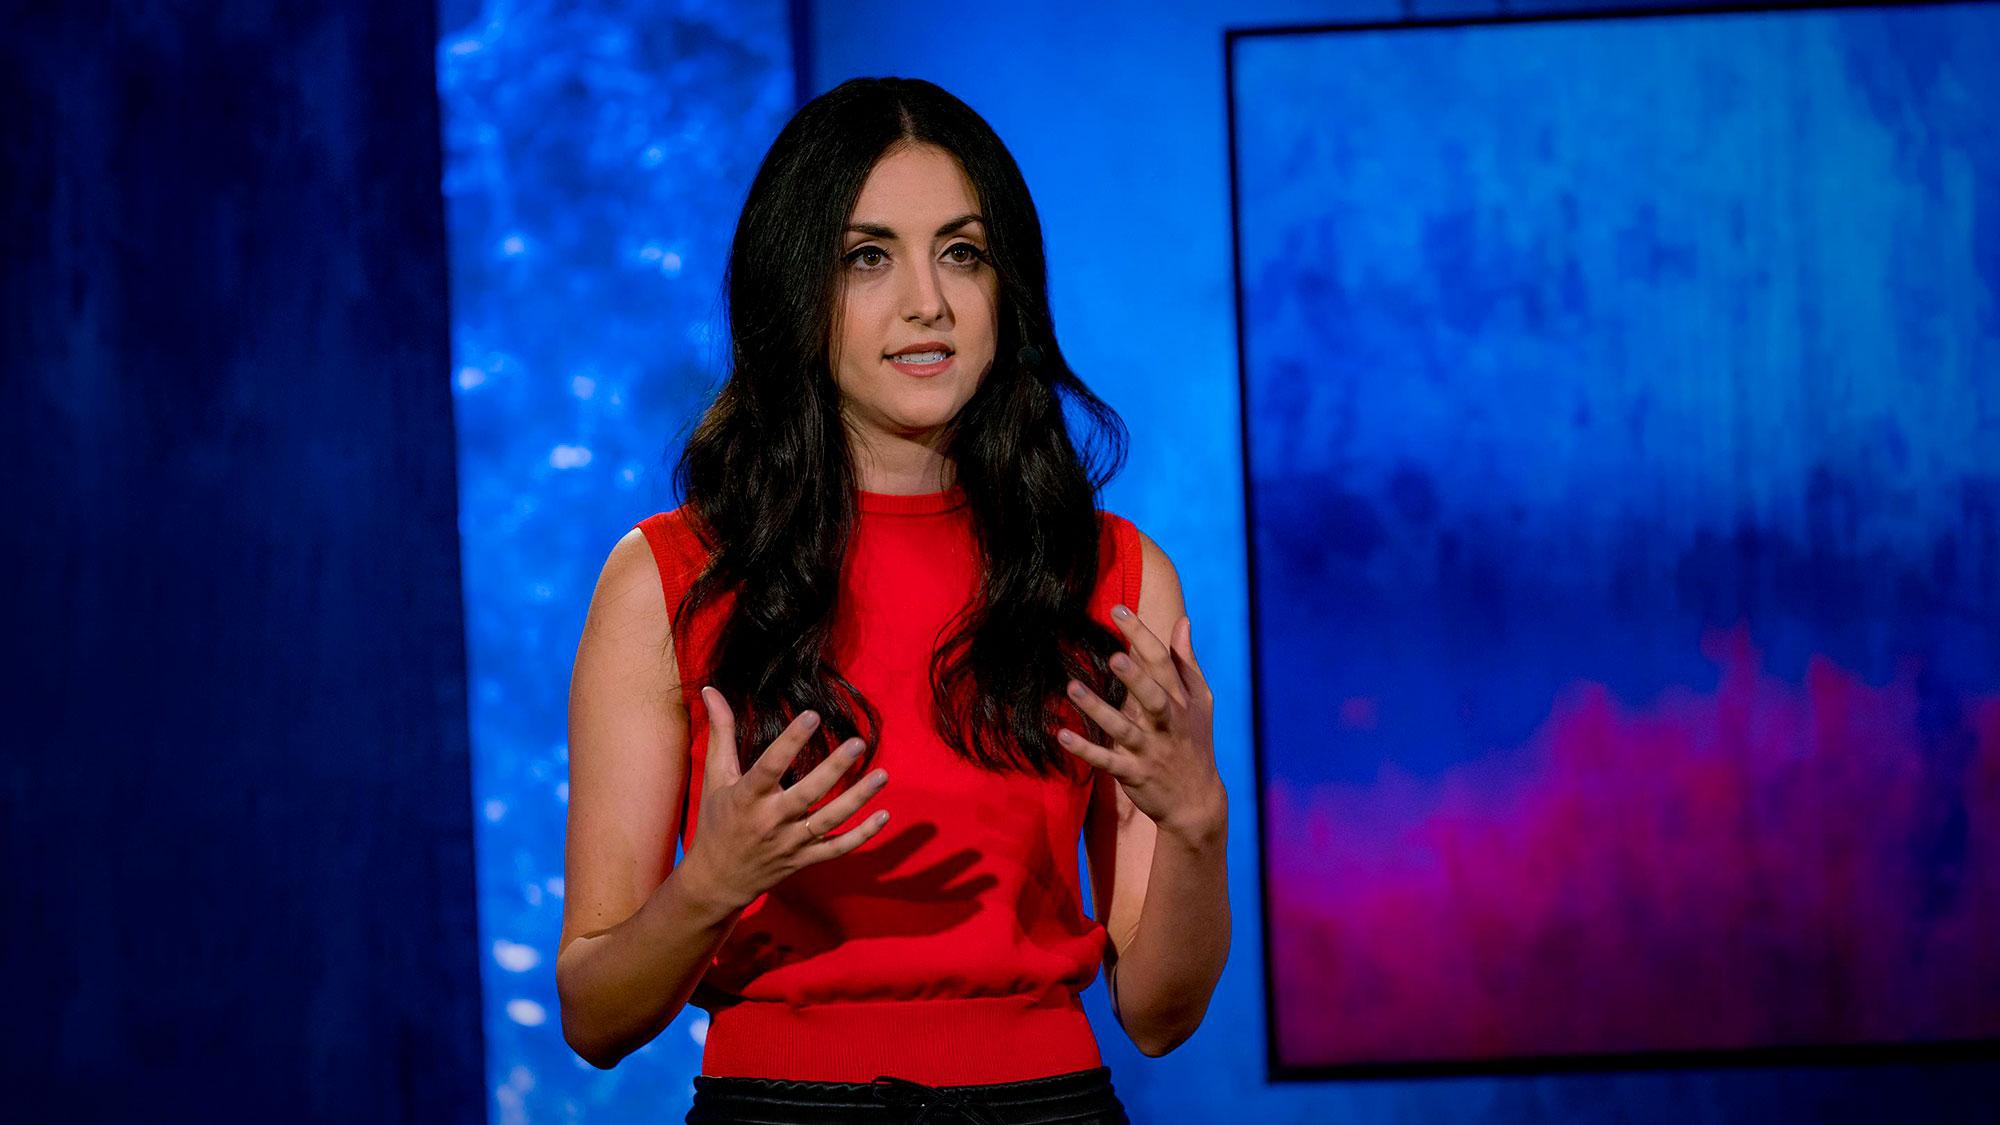 """Quando a investidora de risco Natalie Fratto está decidindo qual fundador de startup irá apoiar, ela não procura apenas inteligência ou carisma; ela procura capacidade de se adaptar. Nesta palestra perspicaz, Fratto compartilha três maneiras de medir nosso """"quociente de adaptabilidade"""" e mostra por que nossa capacidade de reagir a mudanças realmente importa."""